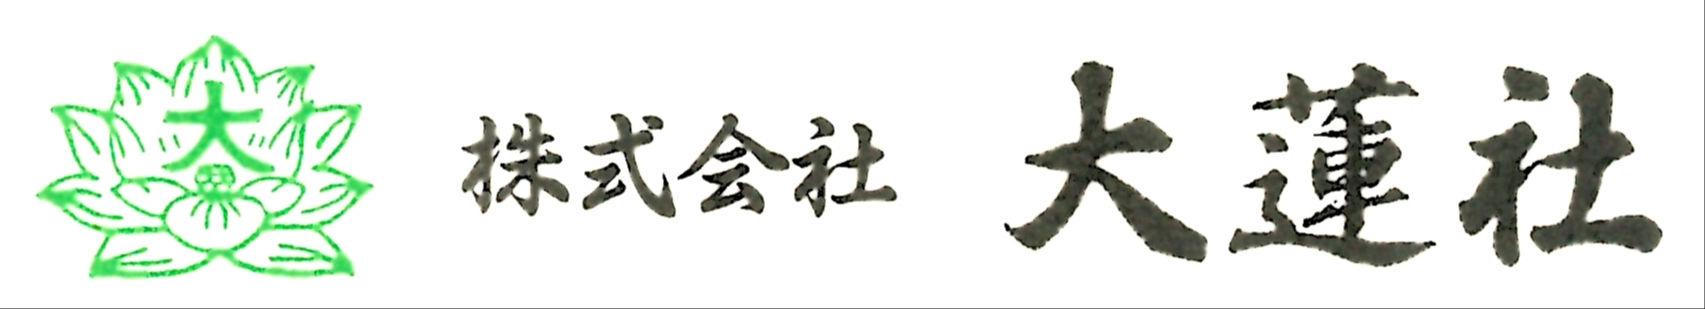 株式会社 大蓮社